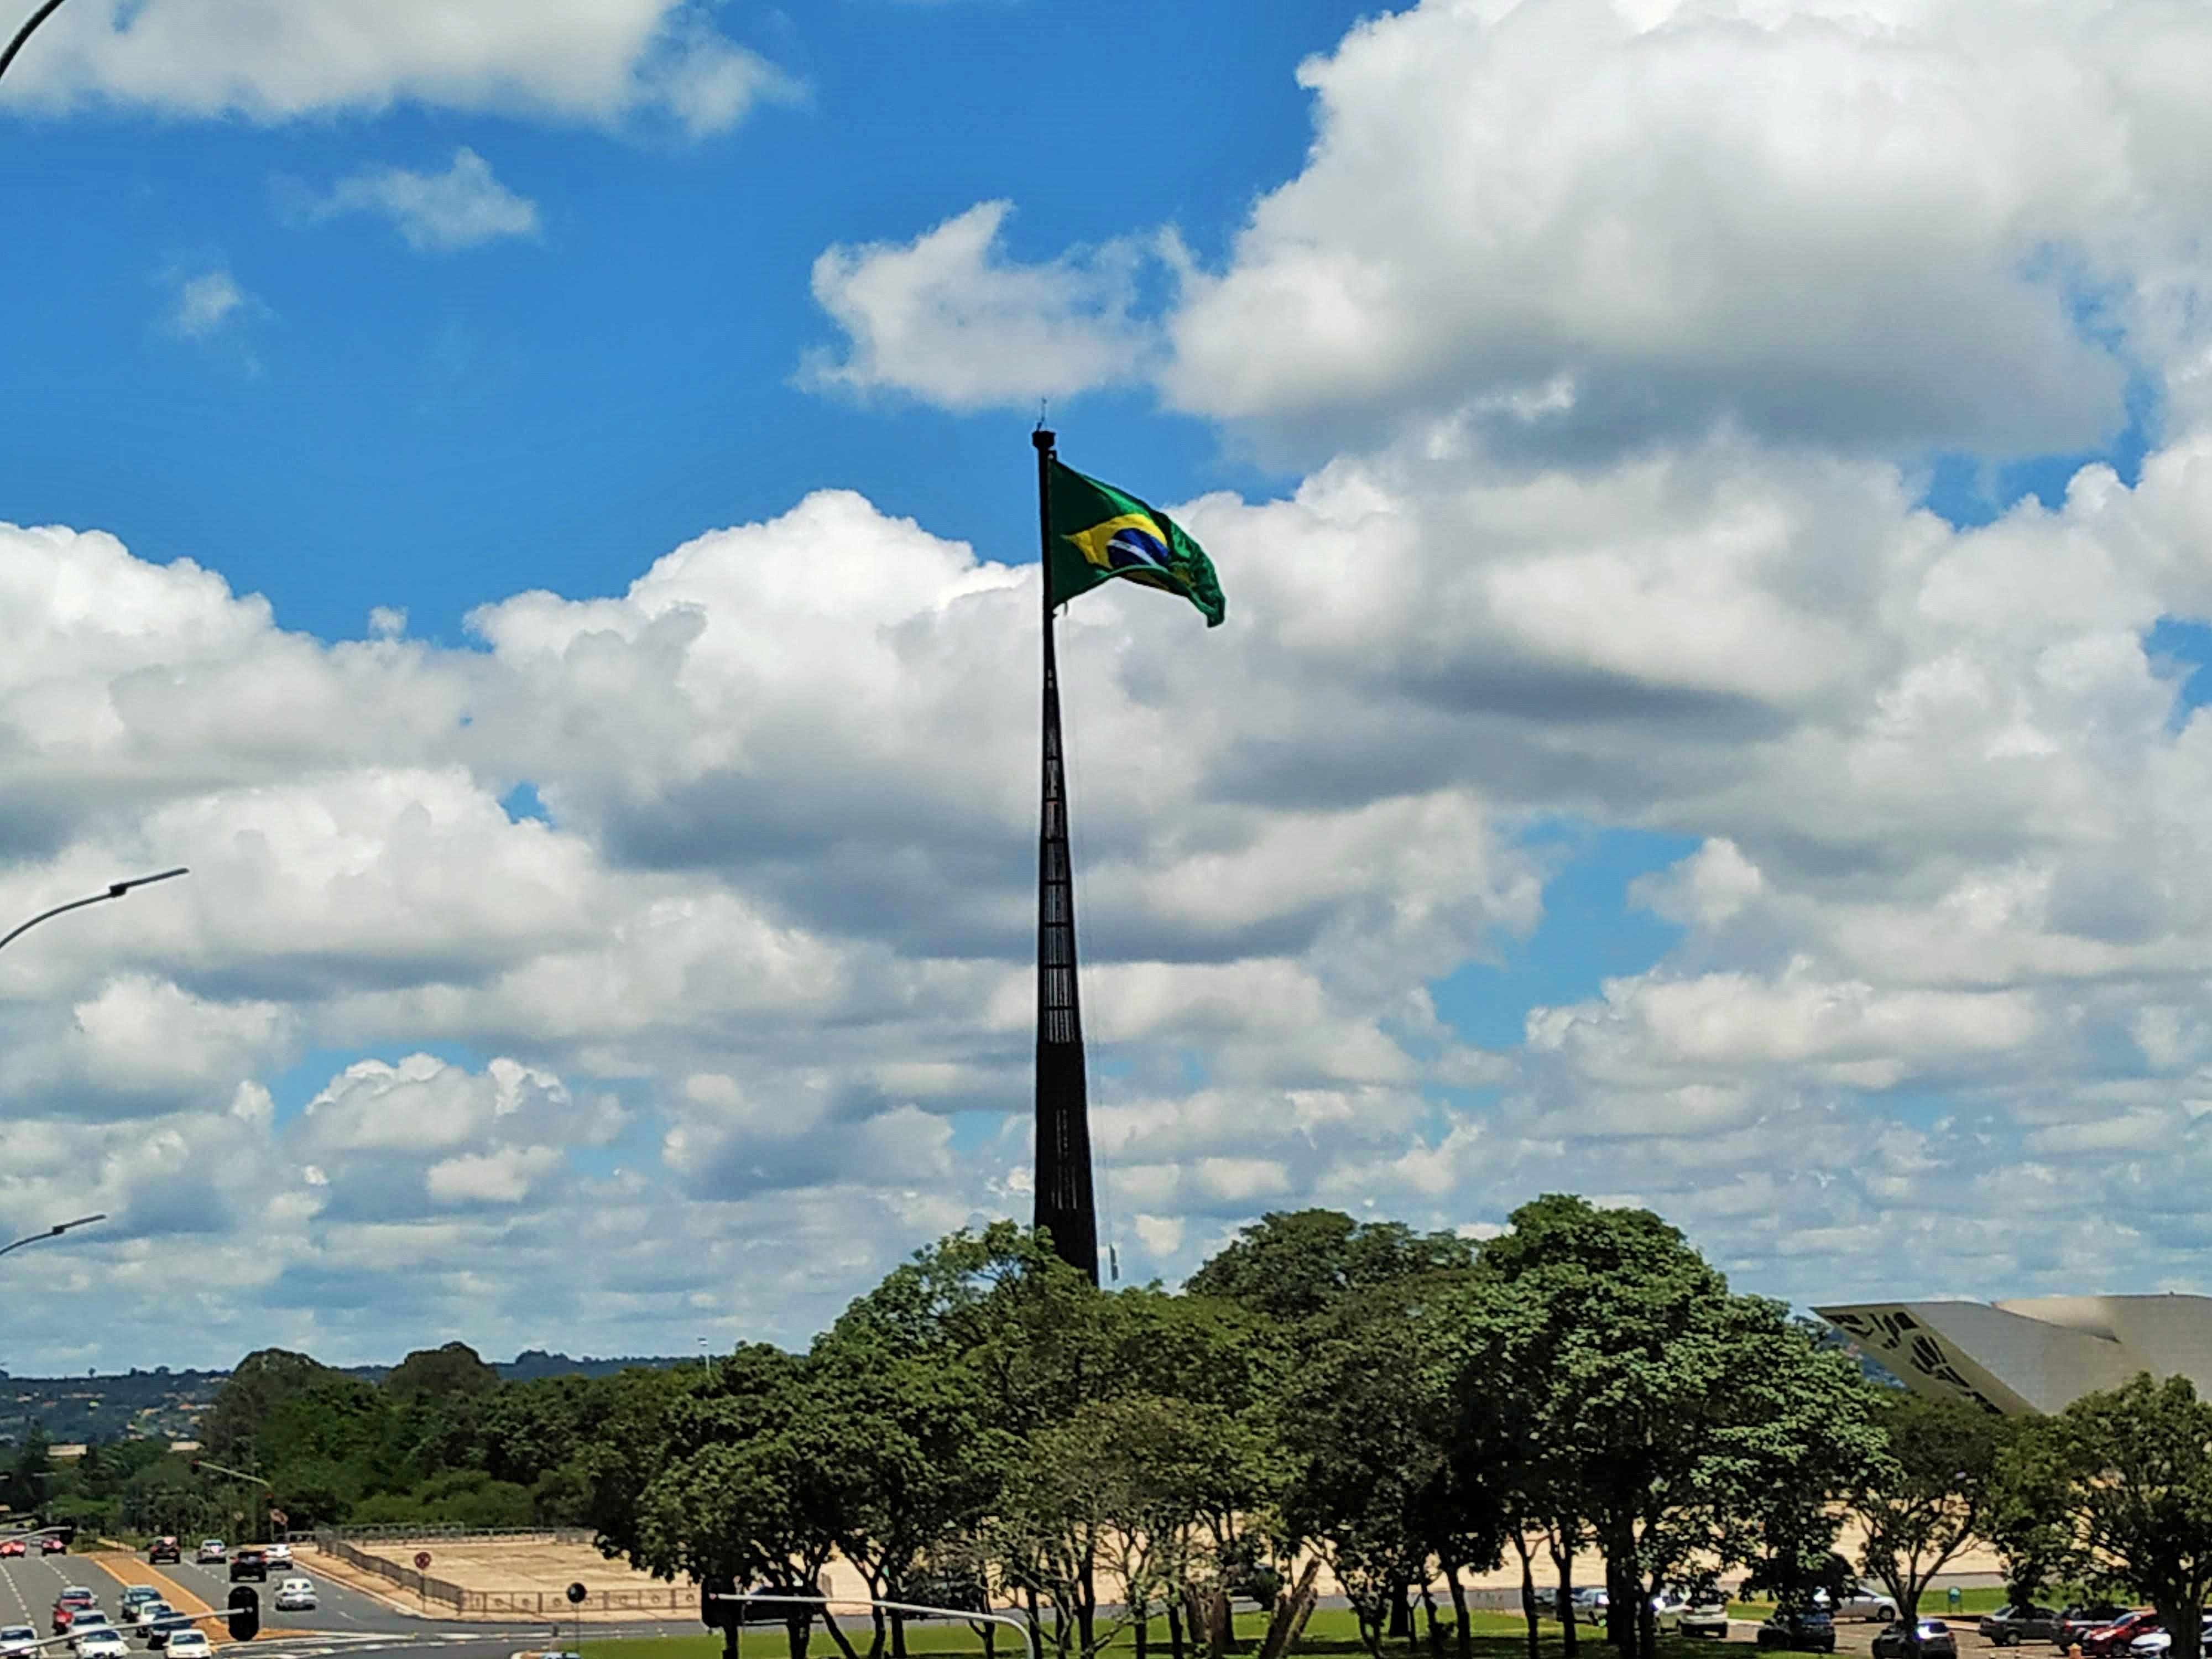 Co musisz wiedzieć przed wyjazdem do Brazylii?